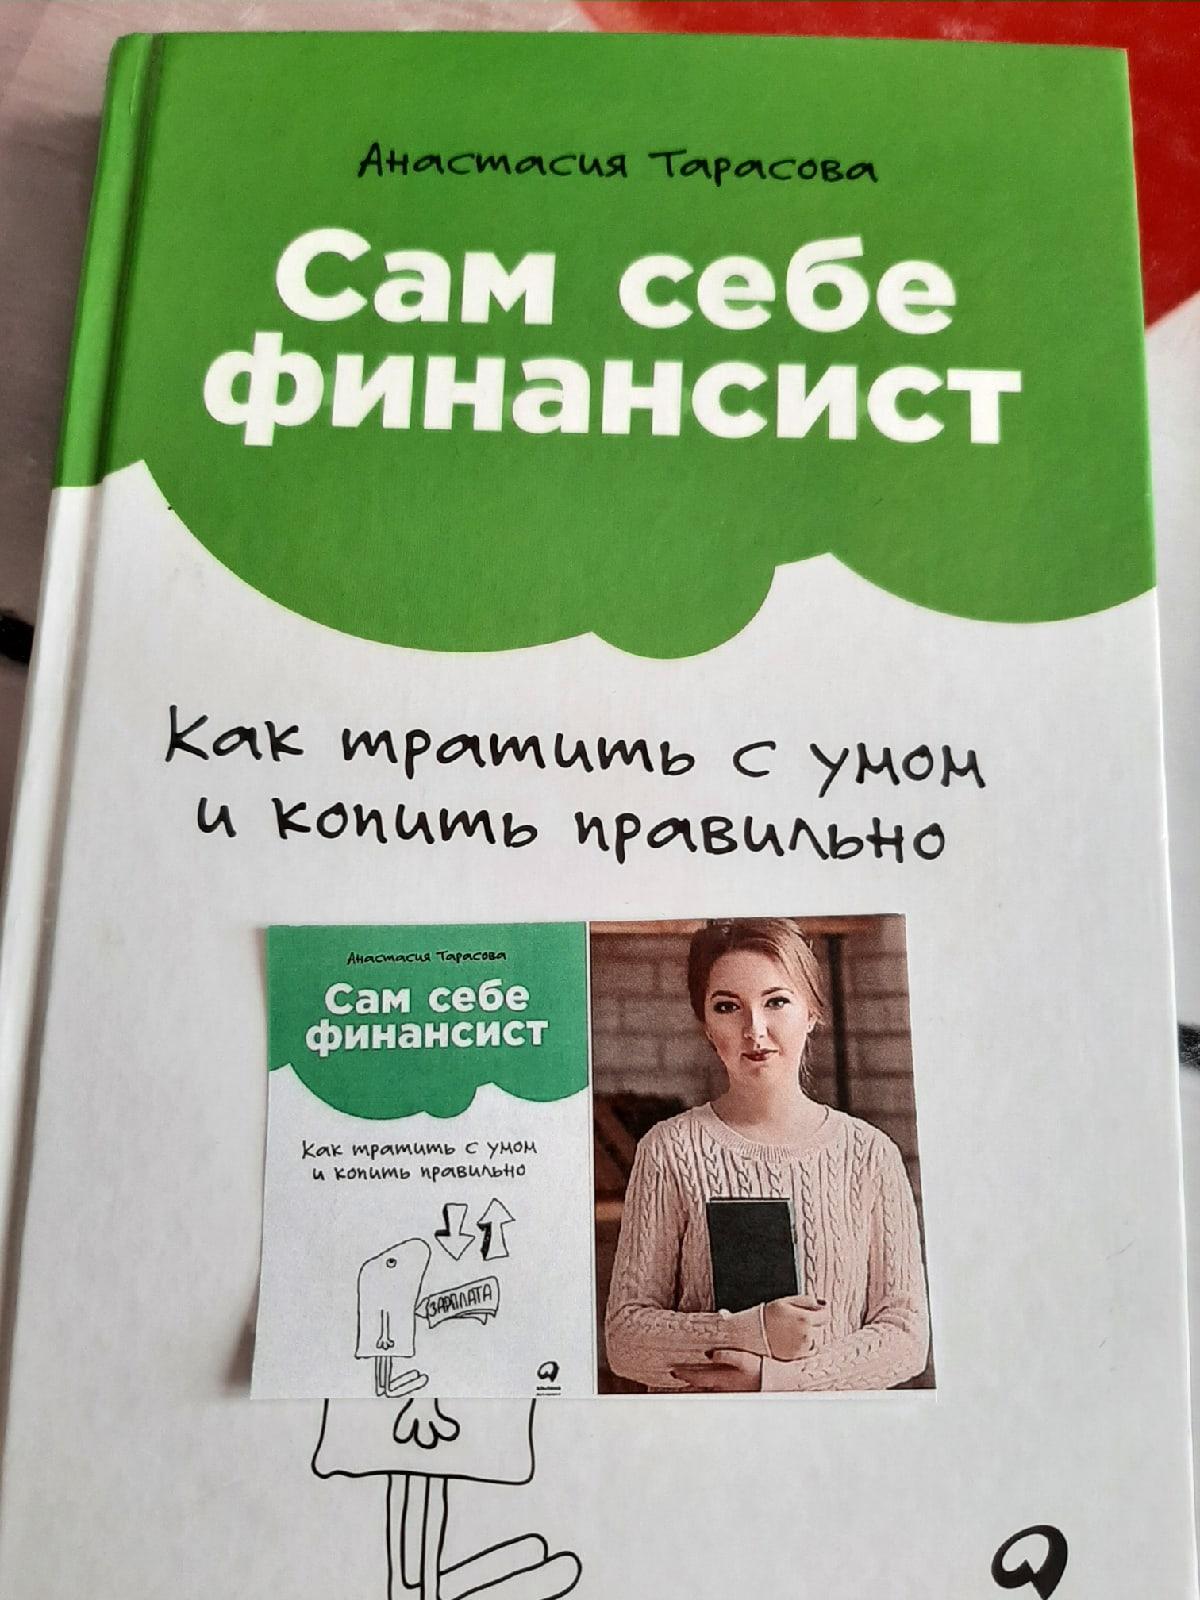 """Приятельница дала почитать книгу """"Сам себе финансист"""". Правда, я думала, что книга окажется в моей собственности. Фото: Анна РОМАНОВА-КОЛОСОВСКАЯ"""